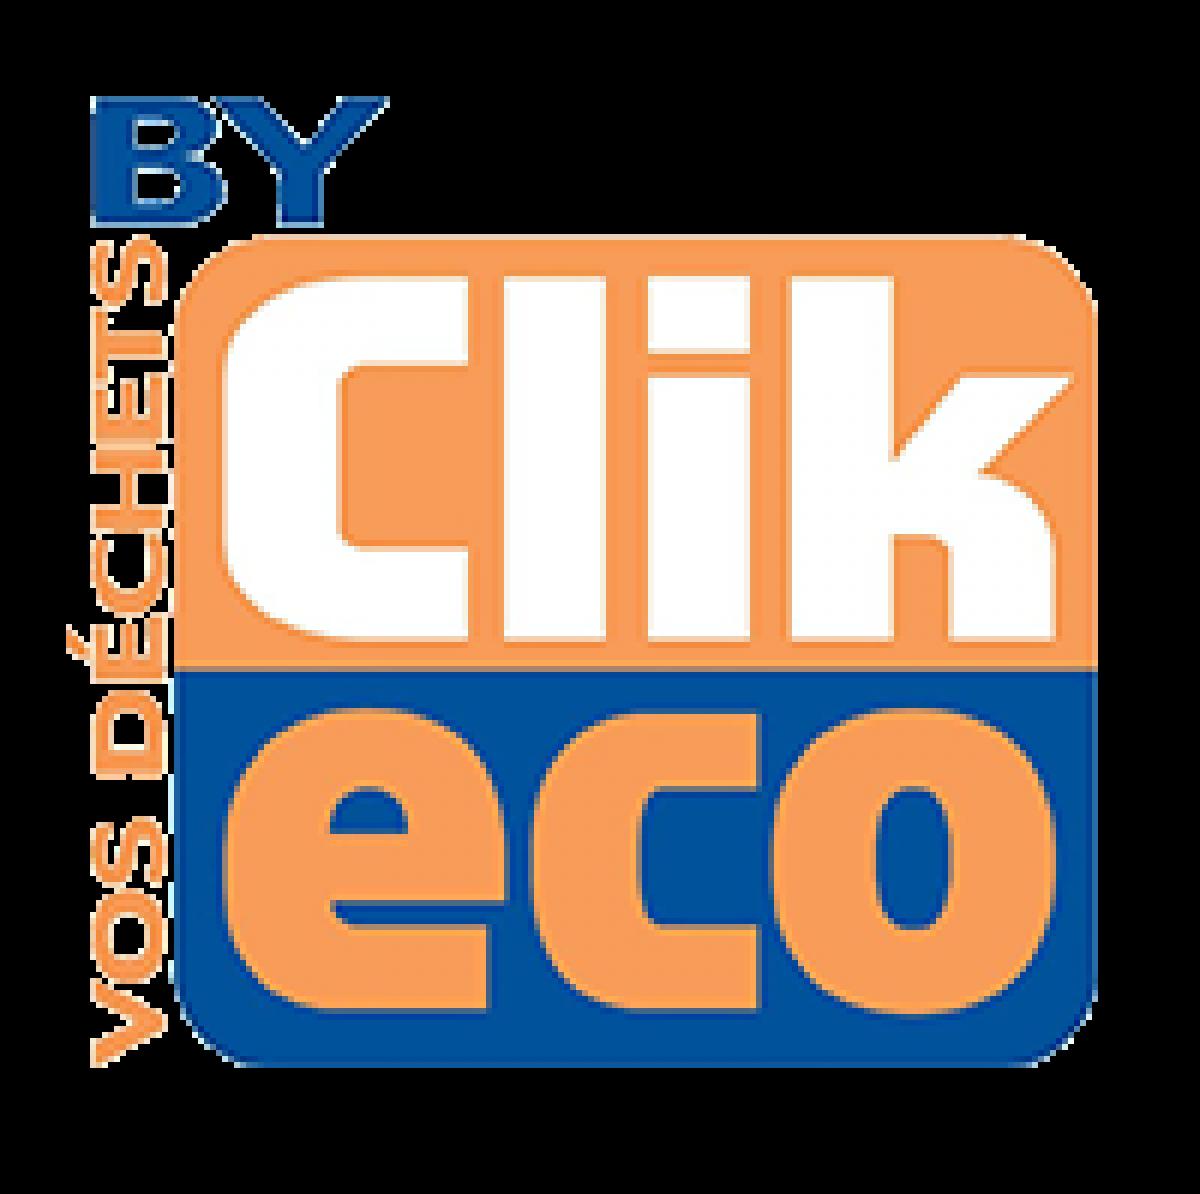 Certification Certificat Ecologique Pour Le Tri Des Decrets Clikeco